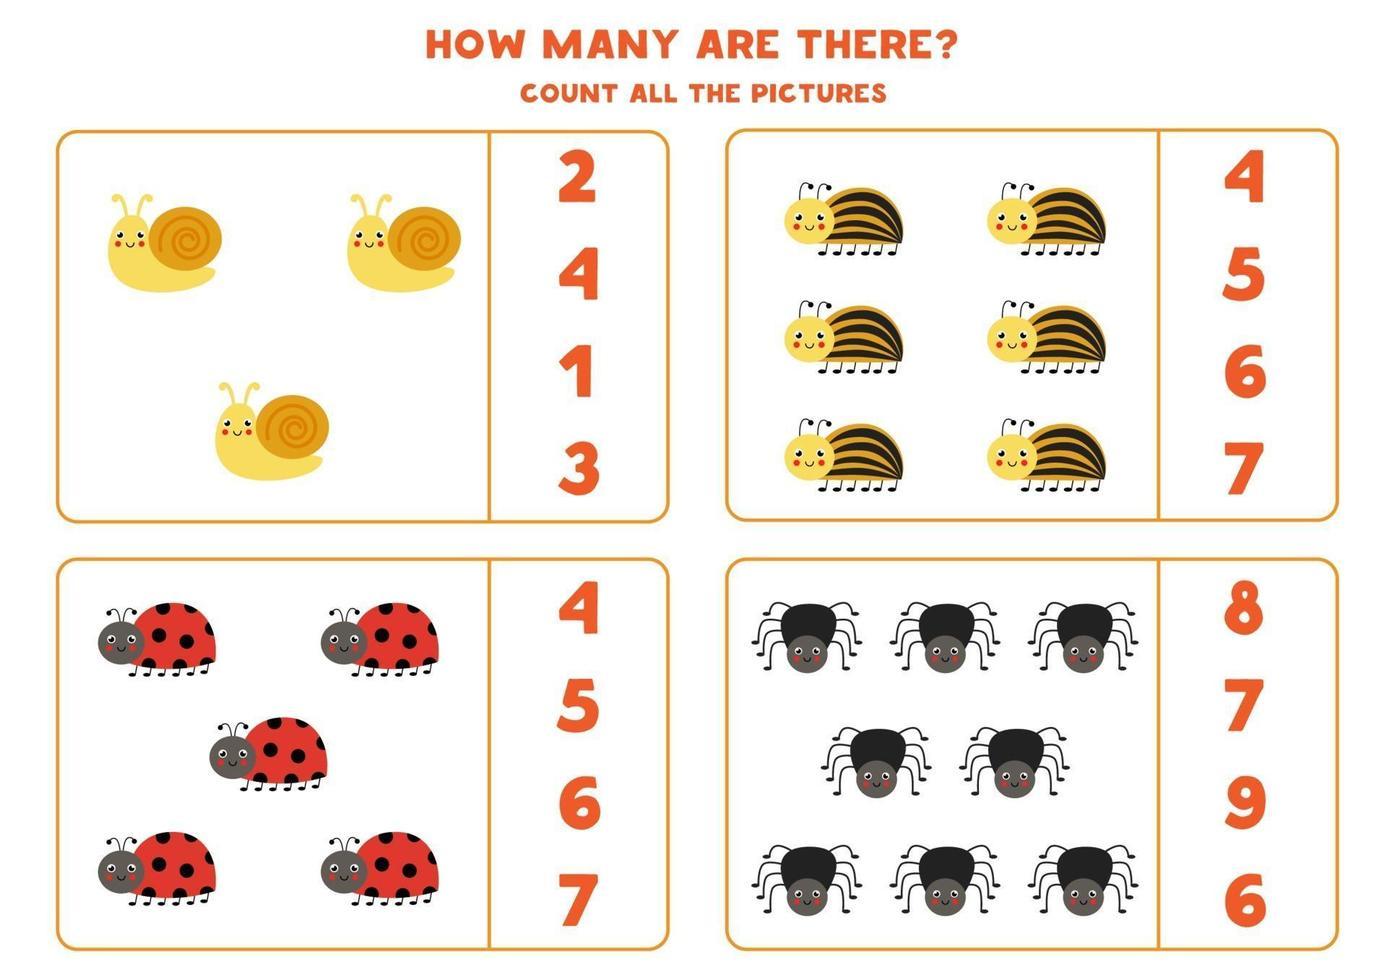 comptez tous les insectes mignons et encerclez les bonnes réponses. jeu de mathématiques pour les enfants. vecteur